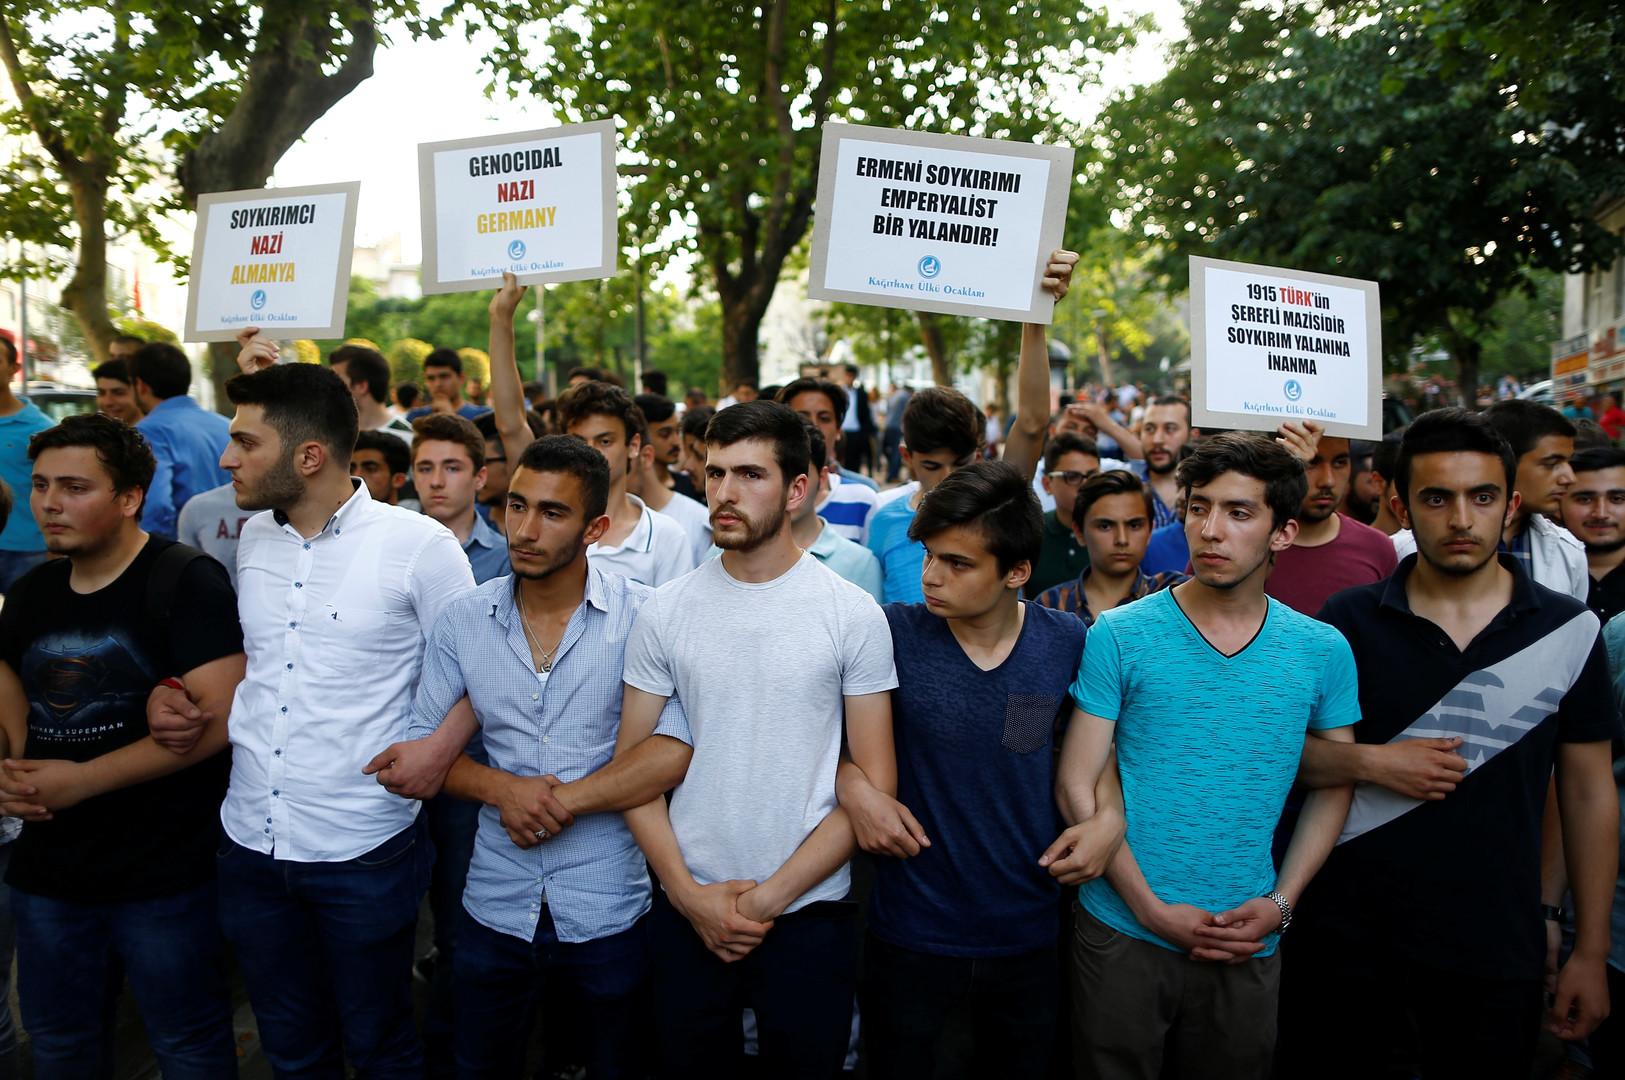 Геноцид, говорите? Турки упрекнули Германию в нацистском прошлом